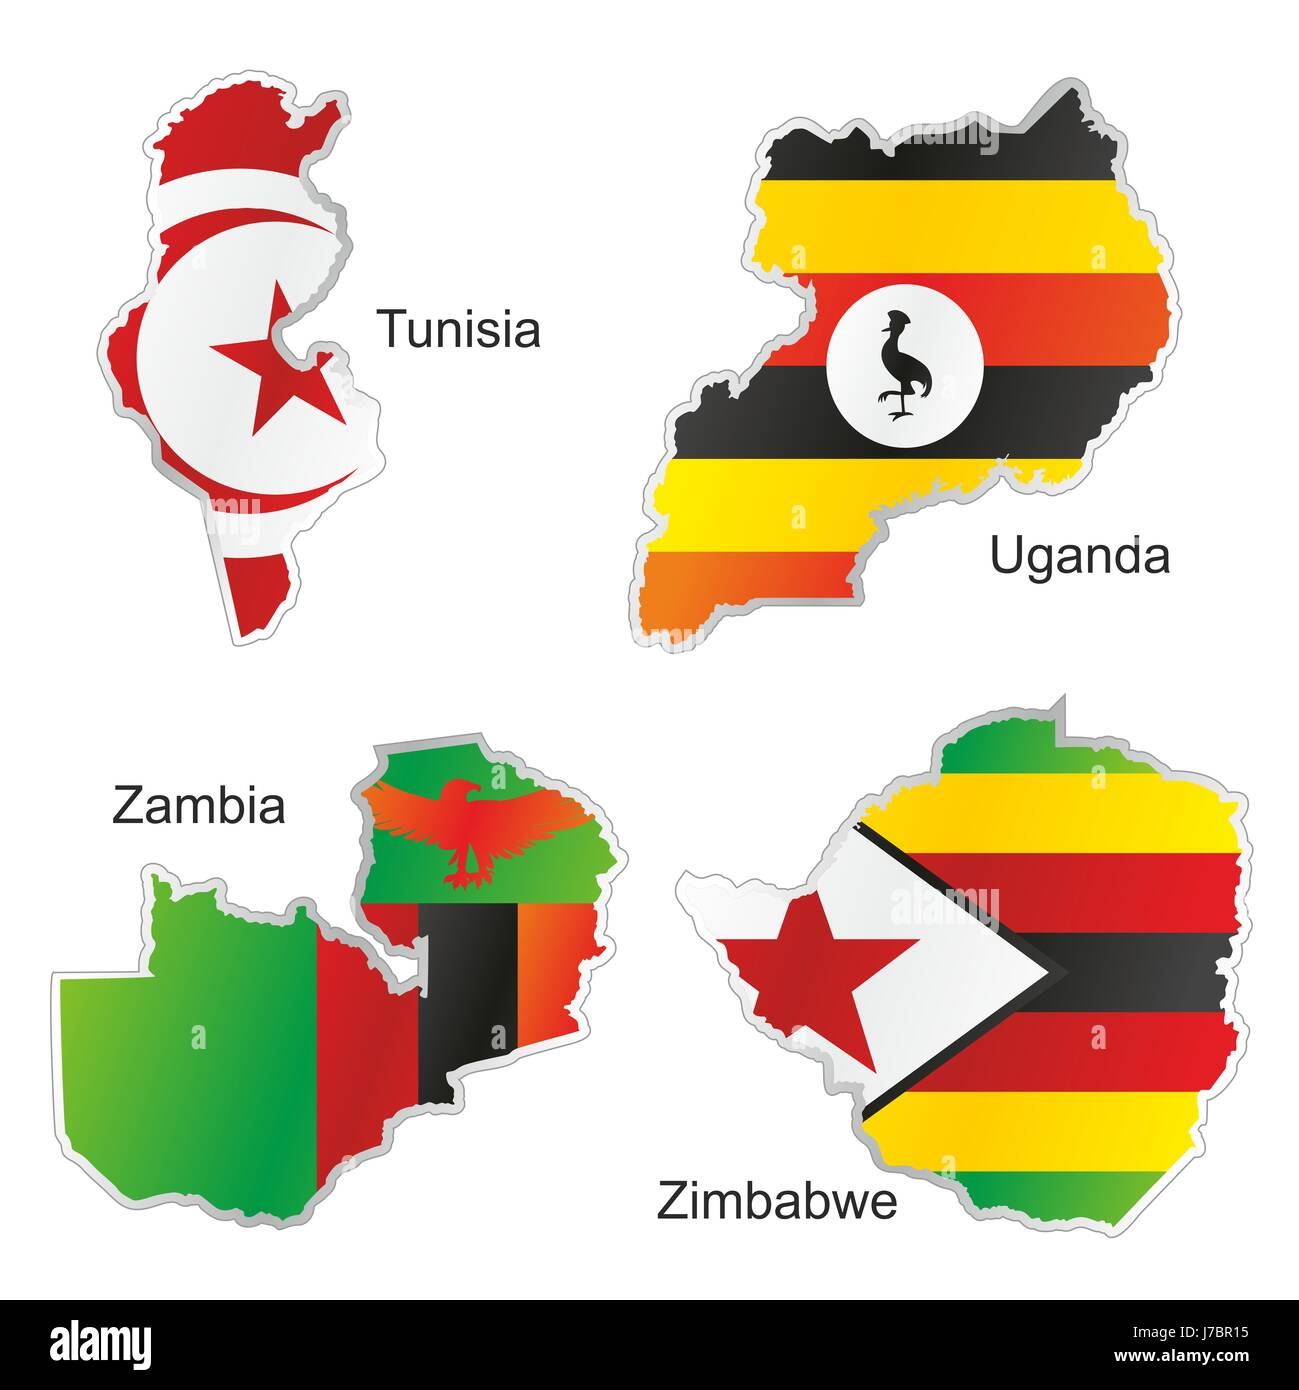 Africa tunisia flag zimbabwe zambia uganda map atlas map of the africa tunisia flag zimbabwe zambia uganda map atlas map of the world isolated gumiabroncs Images